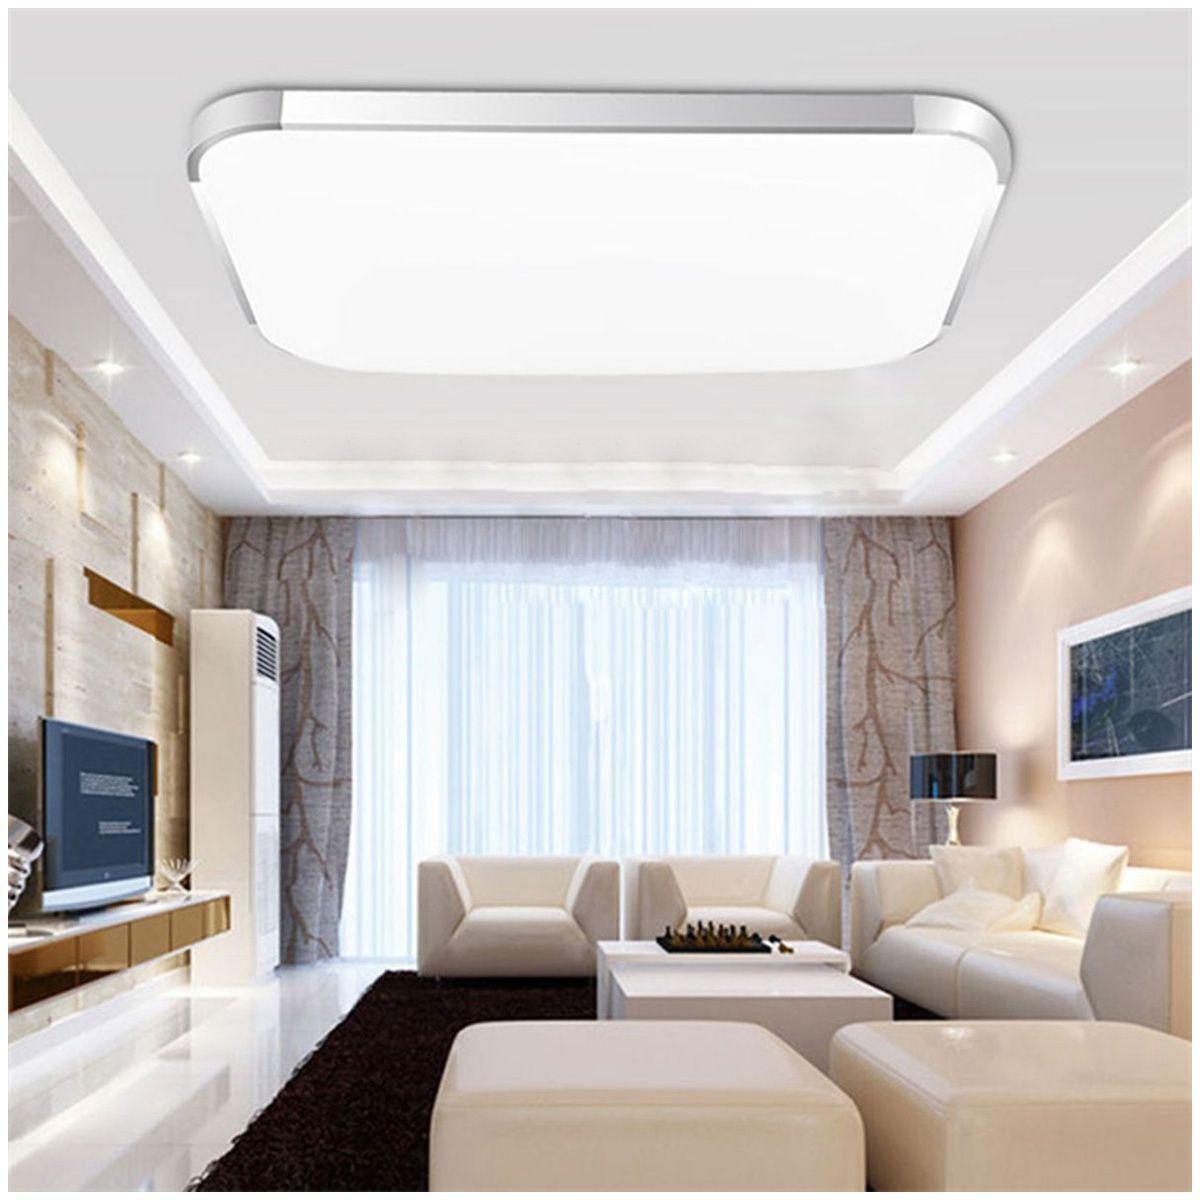 Großhandel Praktische Moderne LED Deckenleuchte Badezimmer Küche ...